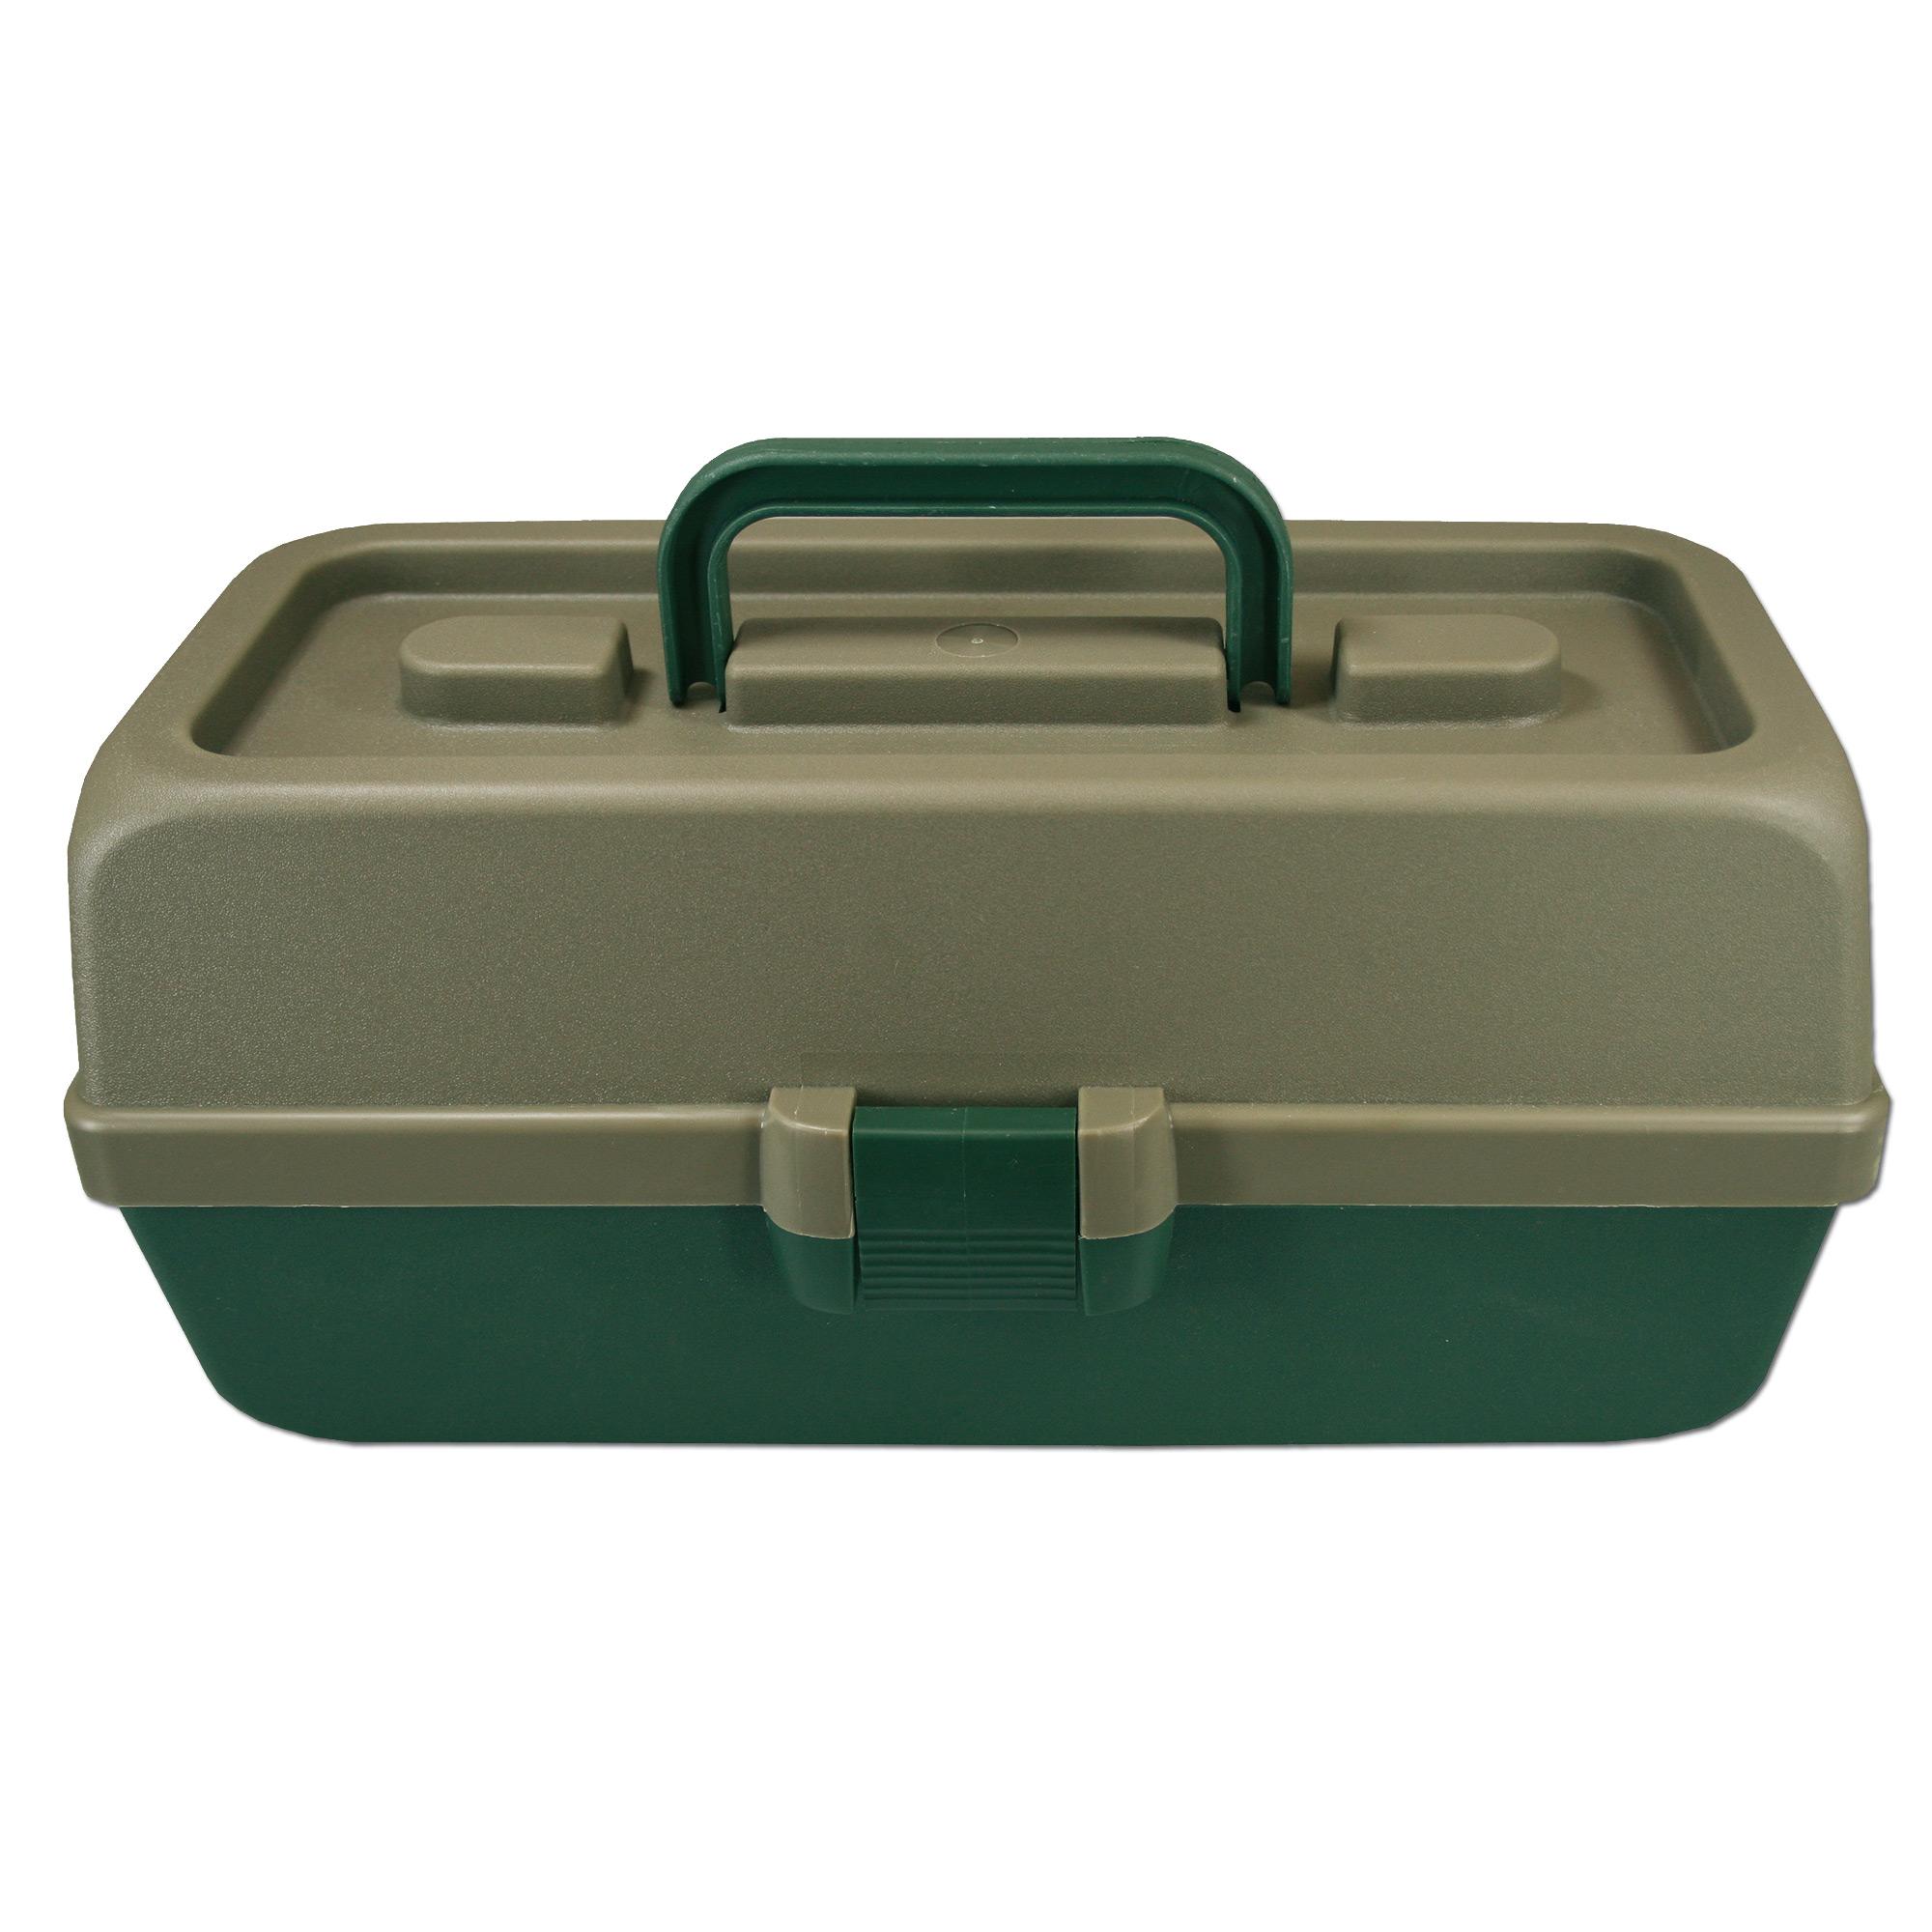 Utility box 2 trays